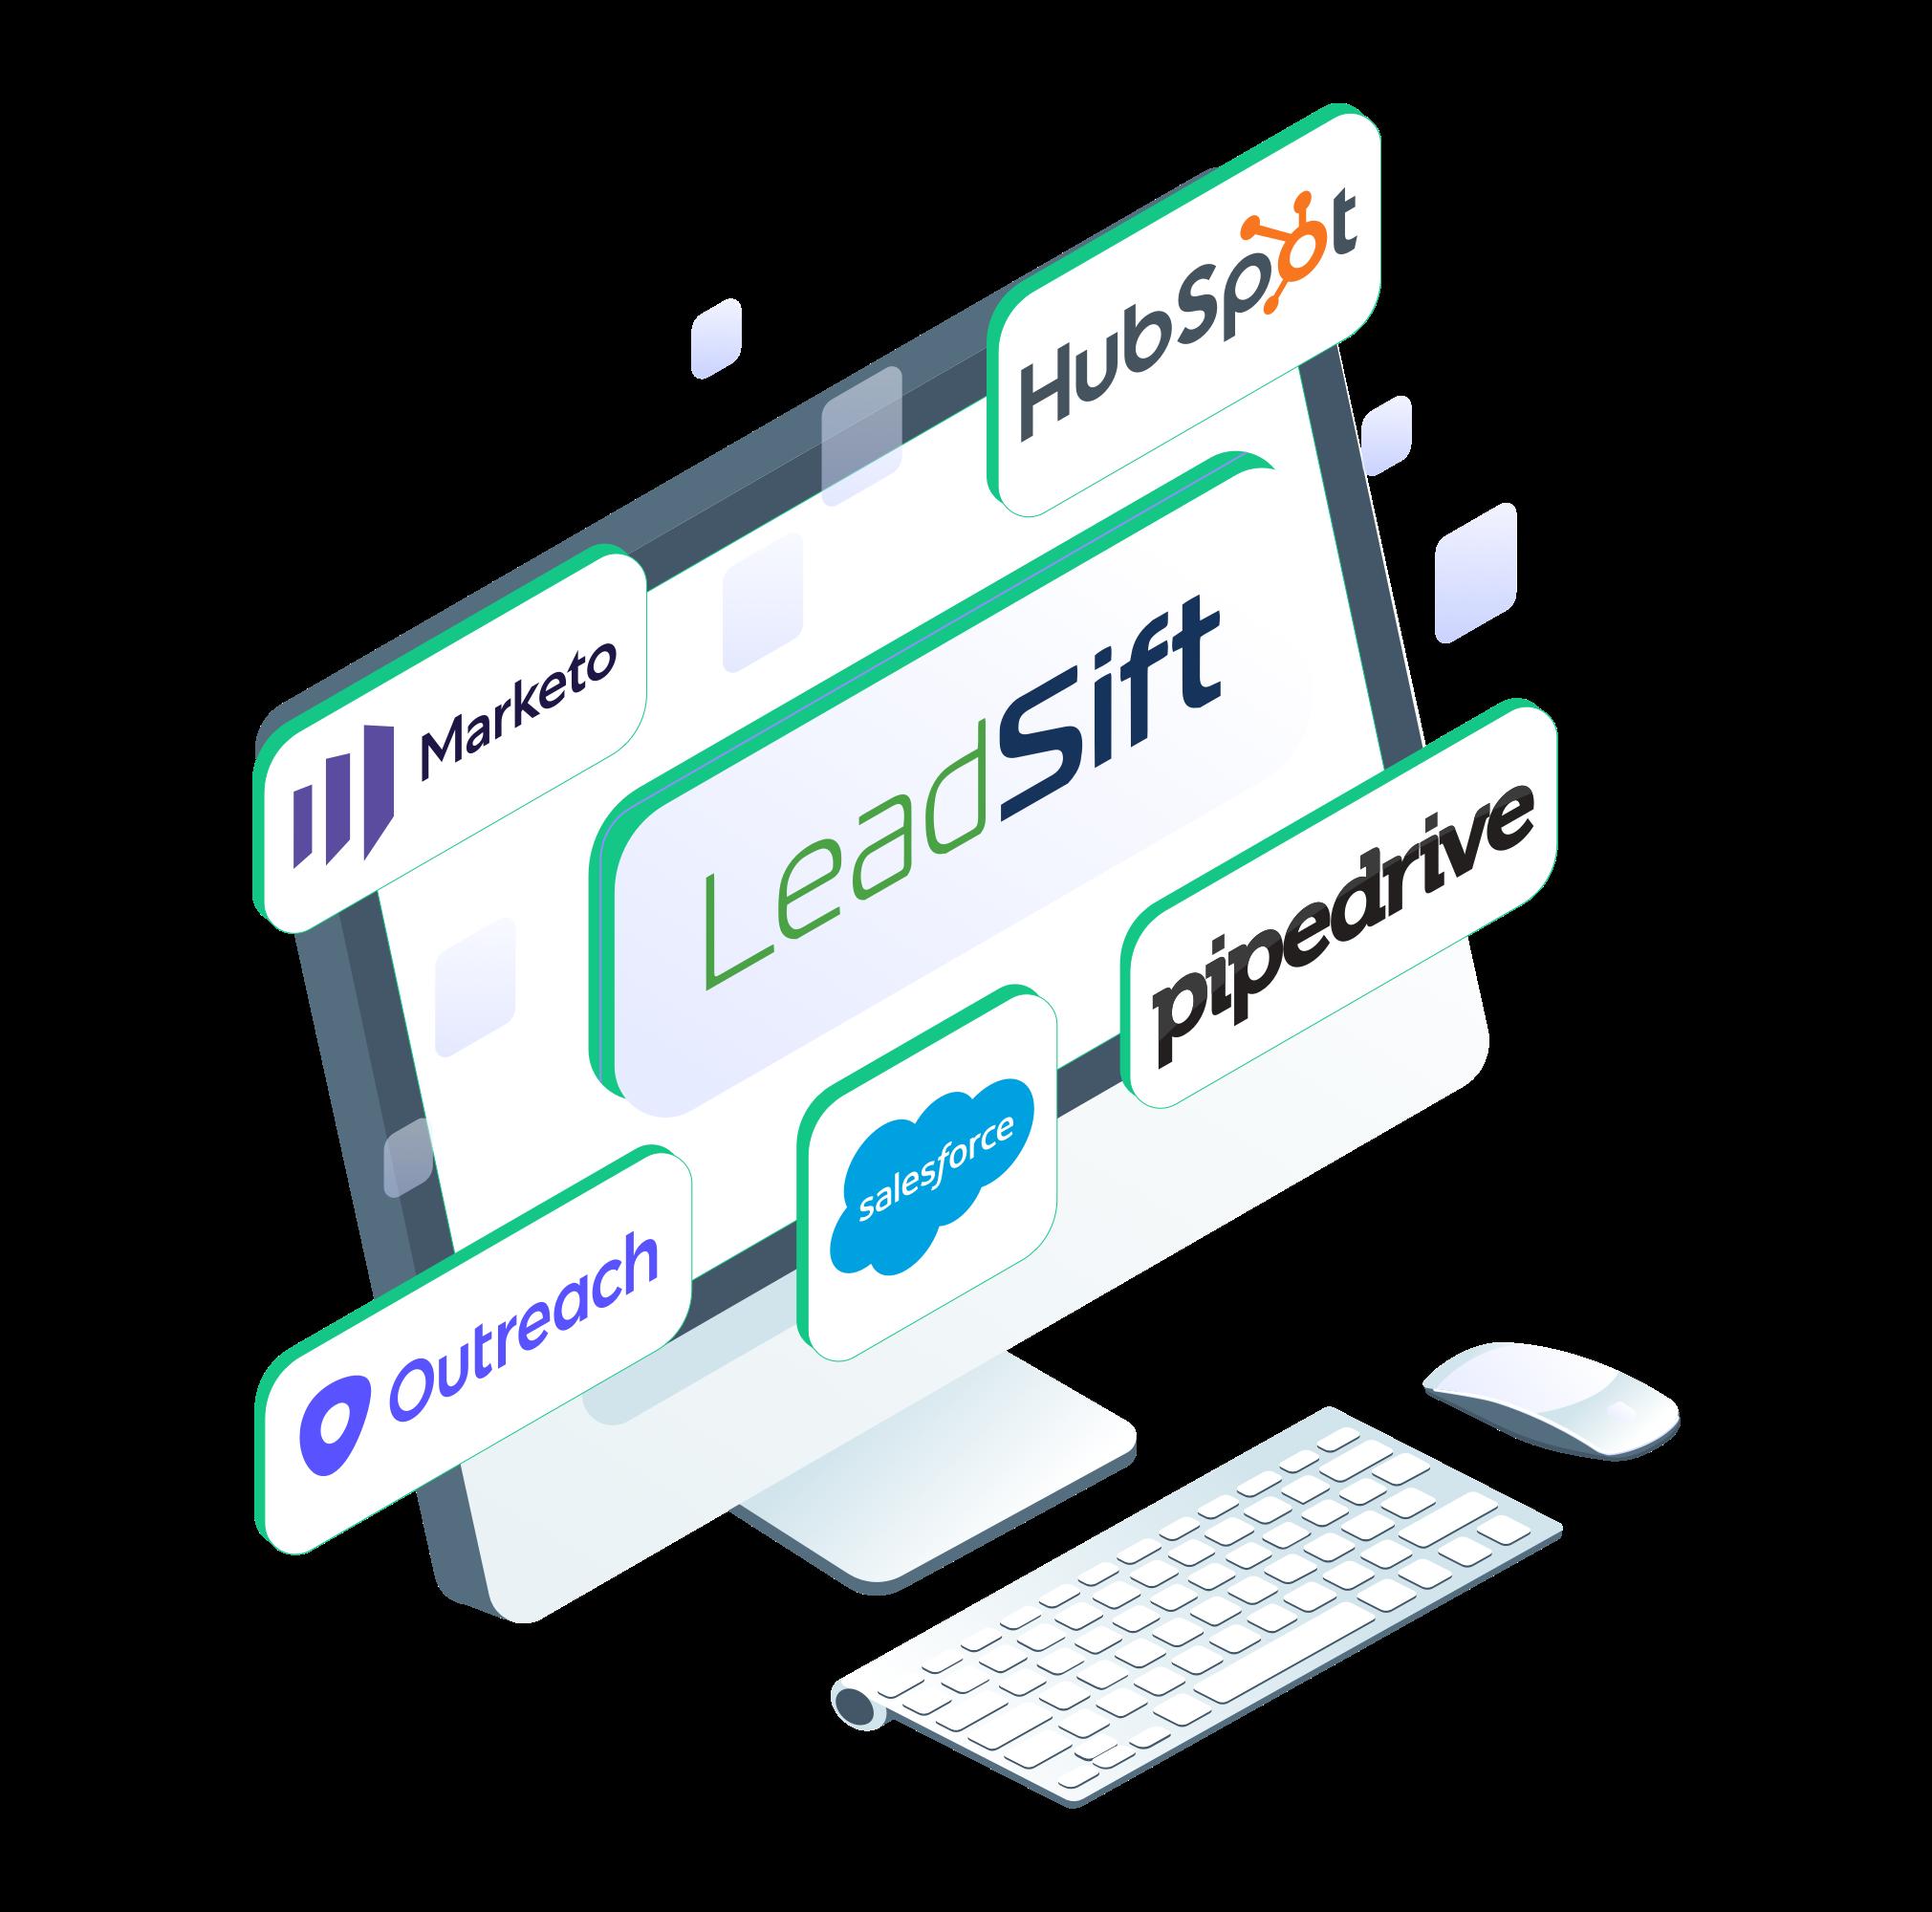 LeadSift Integrations